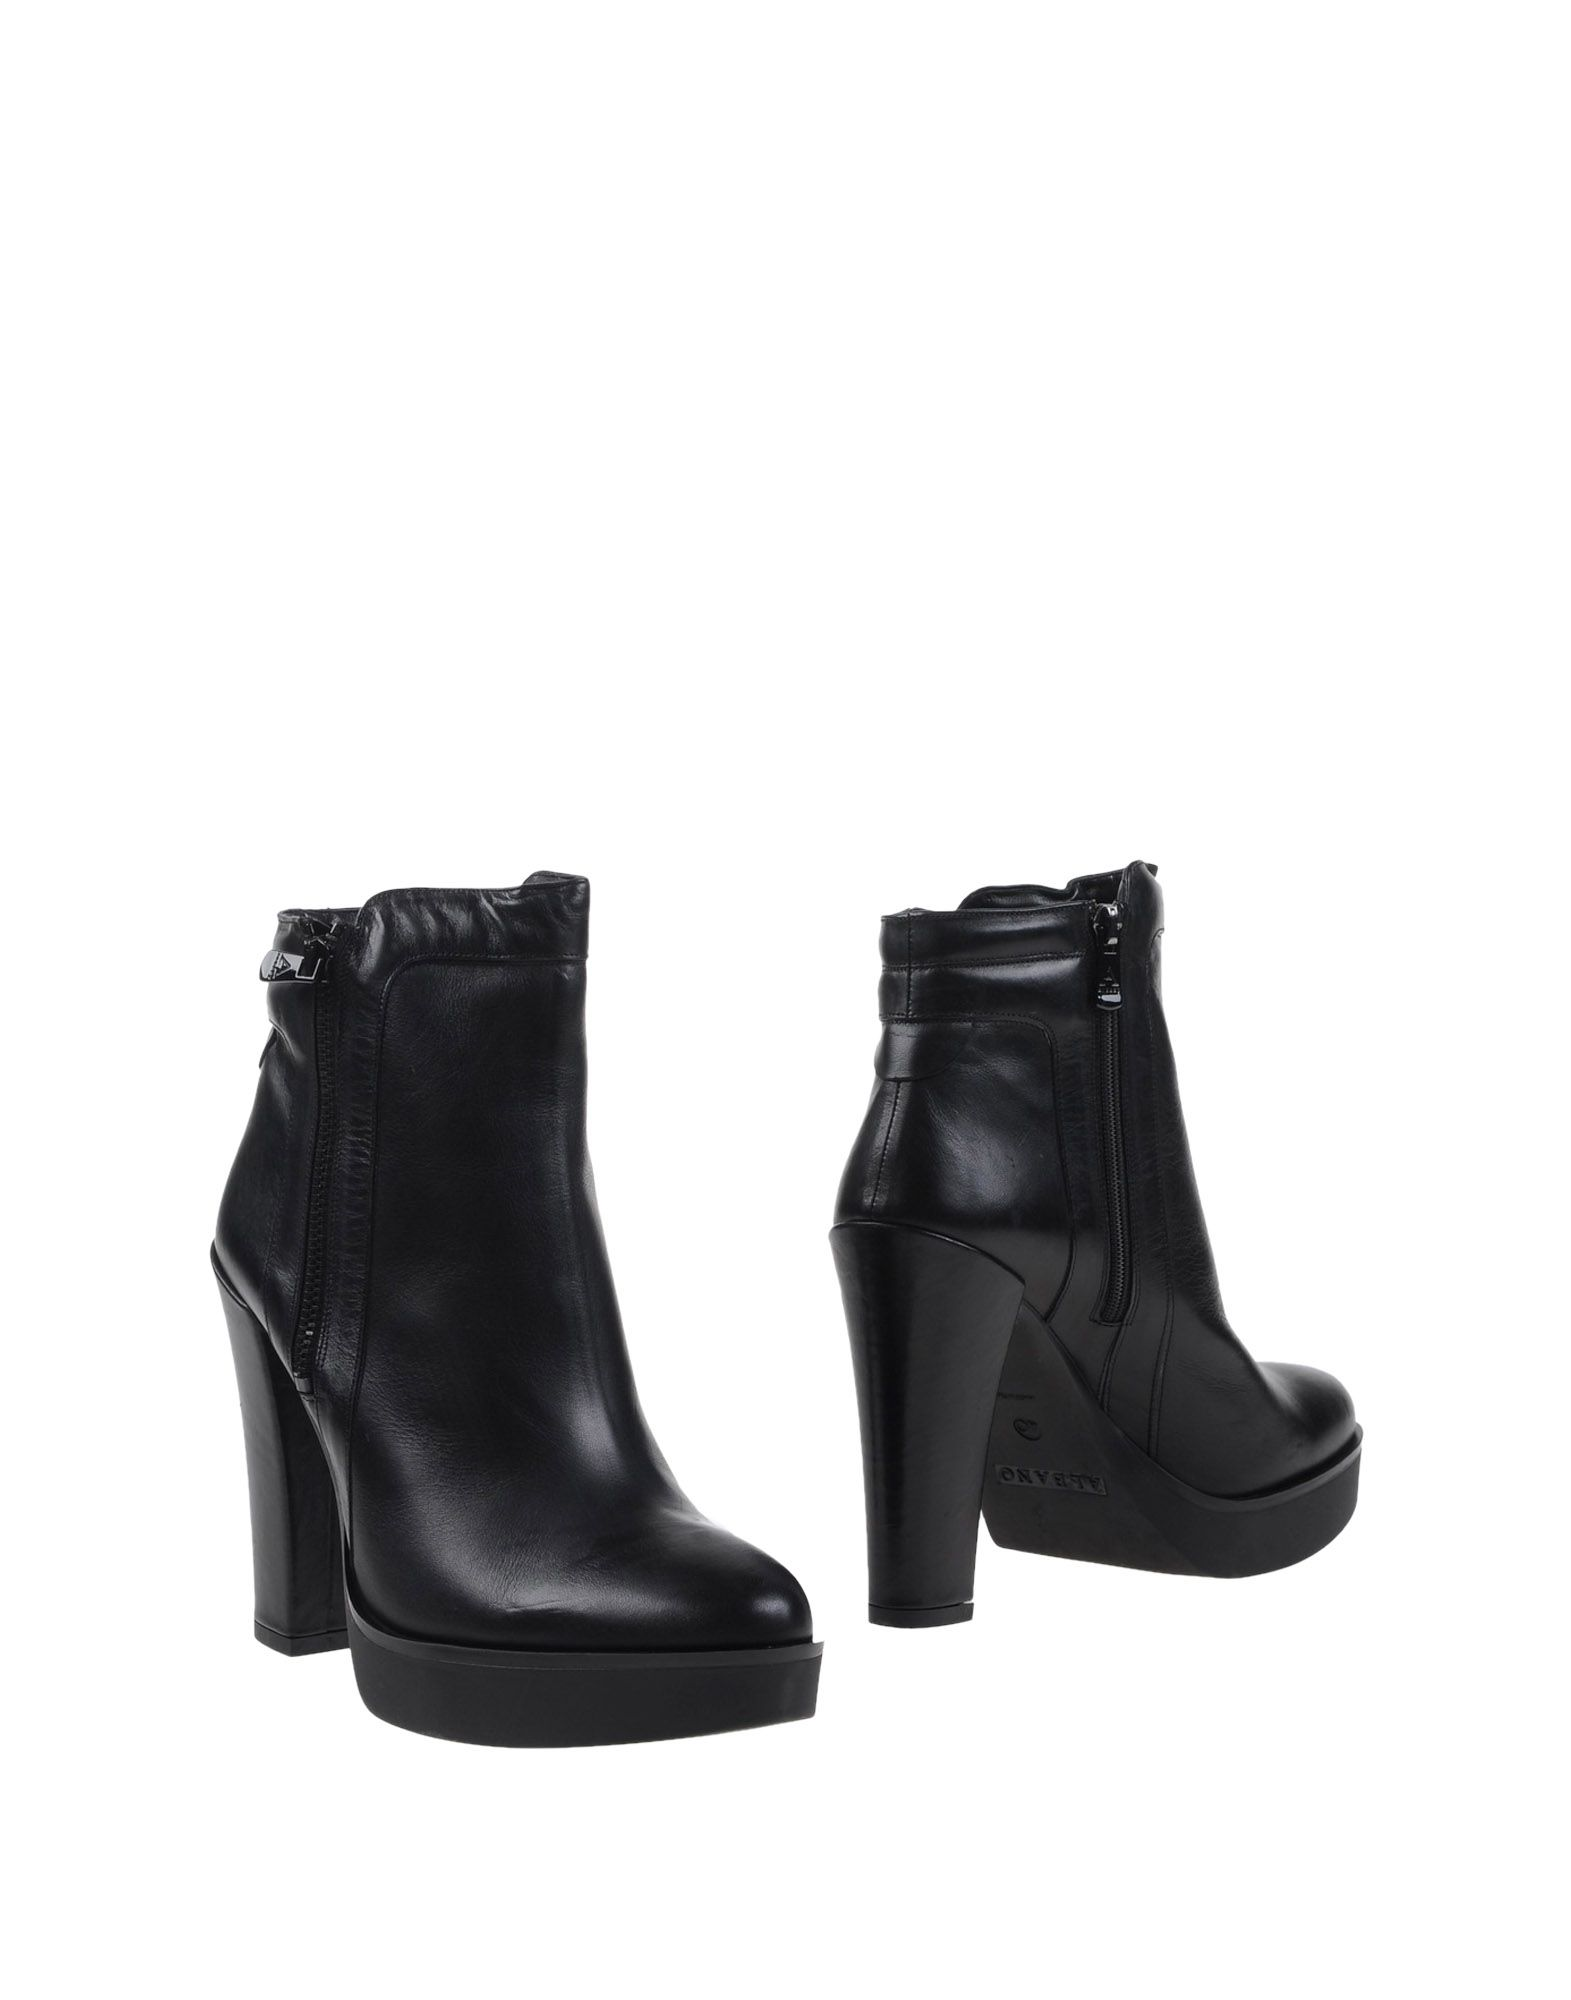 Albano Stiefelette Damen  11069460MQ Gute Qualität beliebte Schuhe